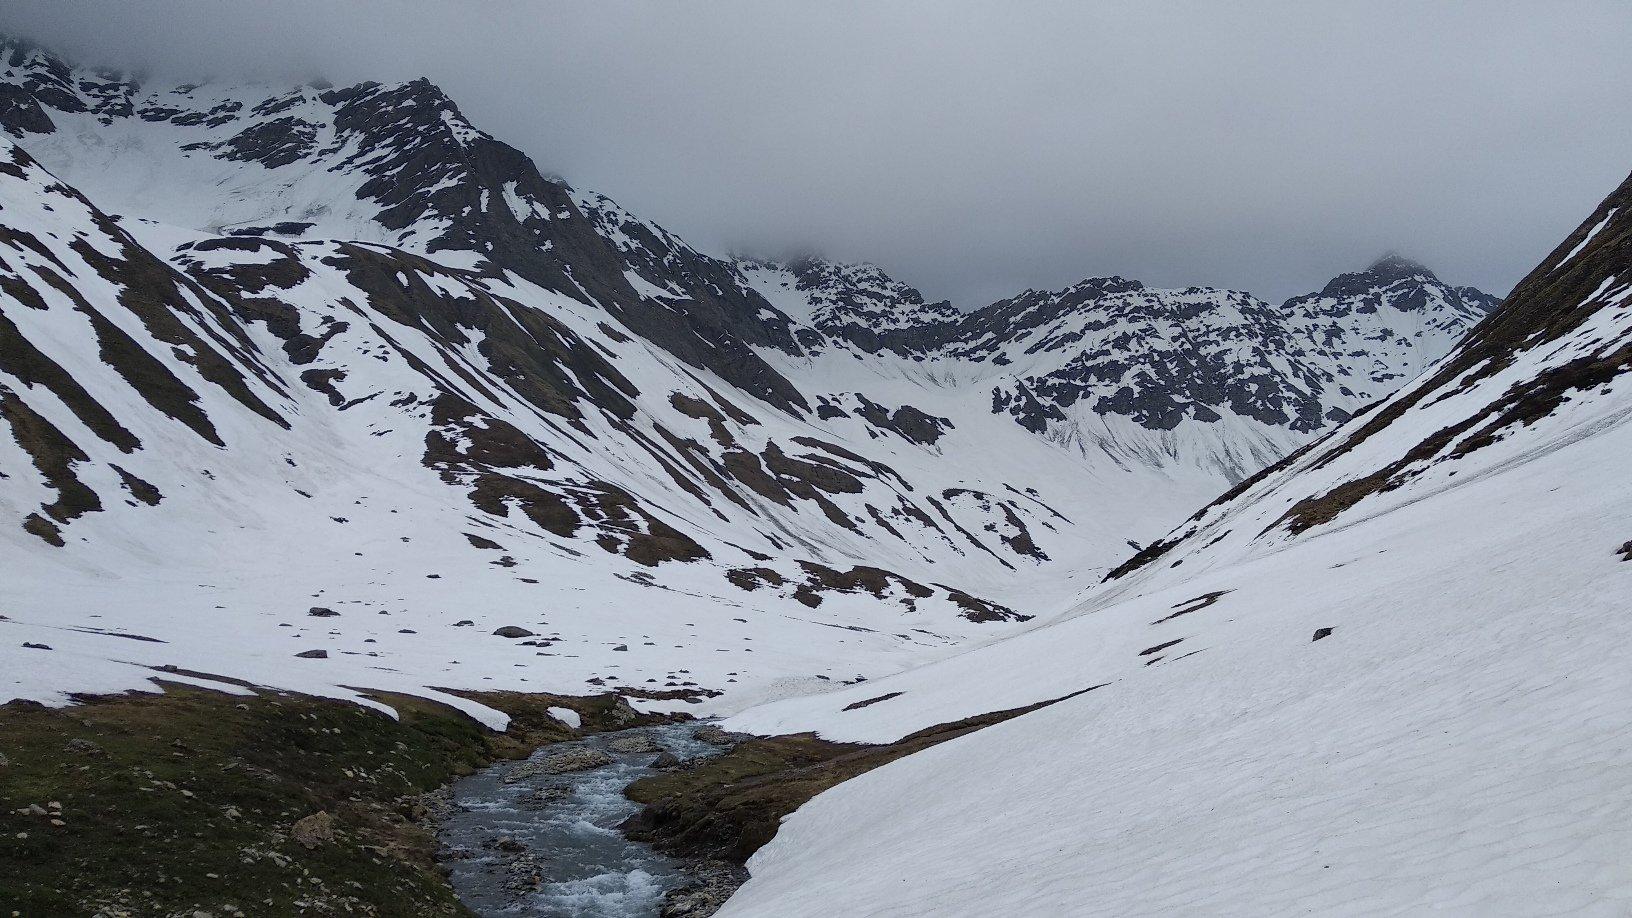 finito il traverso si mettono gli sci